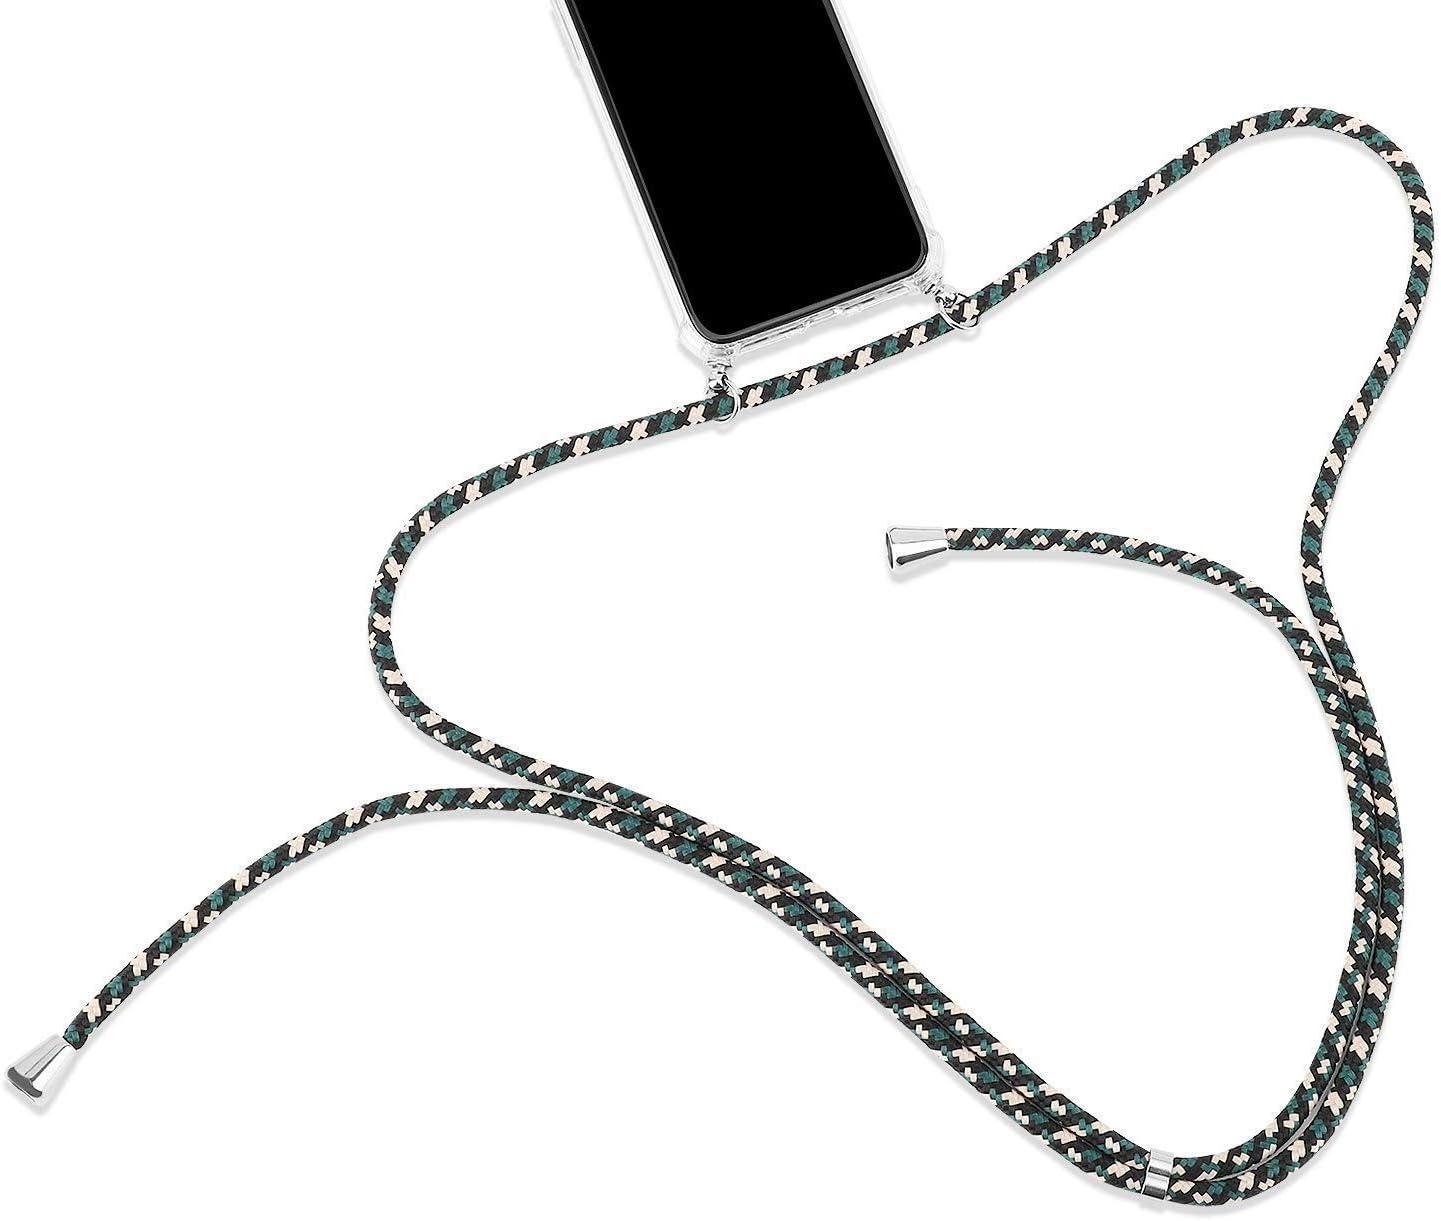 Uposao Compatibile con Samsung Galaxy A10 Collana per Cellulare con Cordoncino Cordino e Soft Cordino Custodia Trasparente Morbido TPU Cover Silicone 3D Custodie Case,Verde Nero